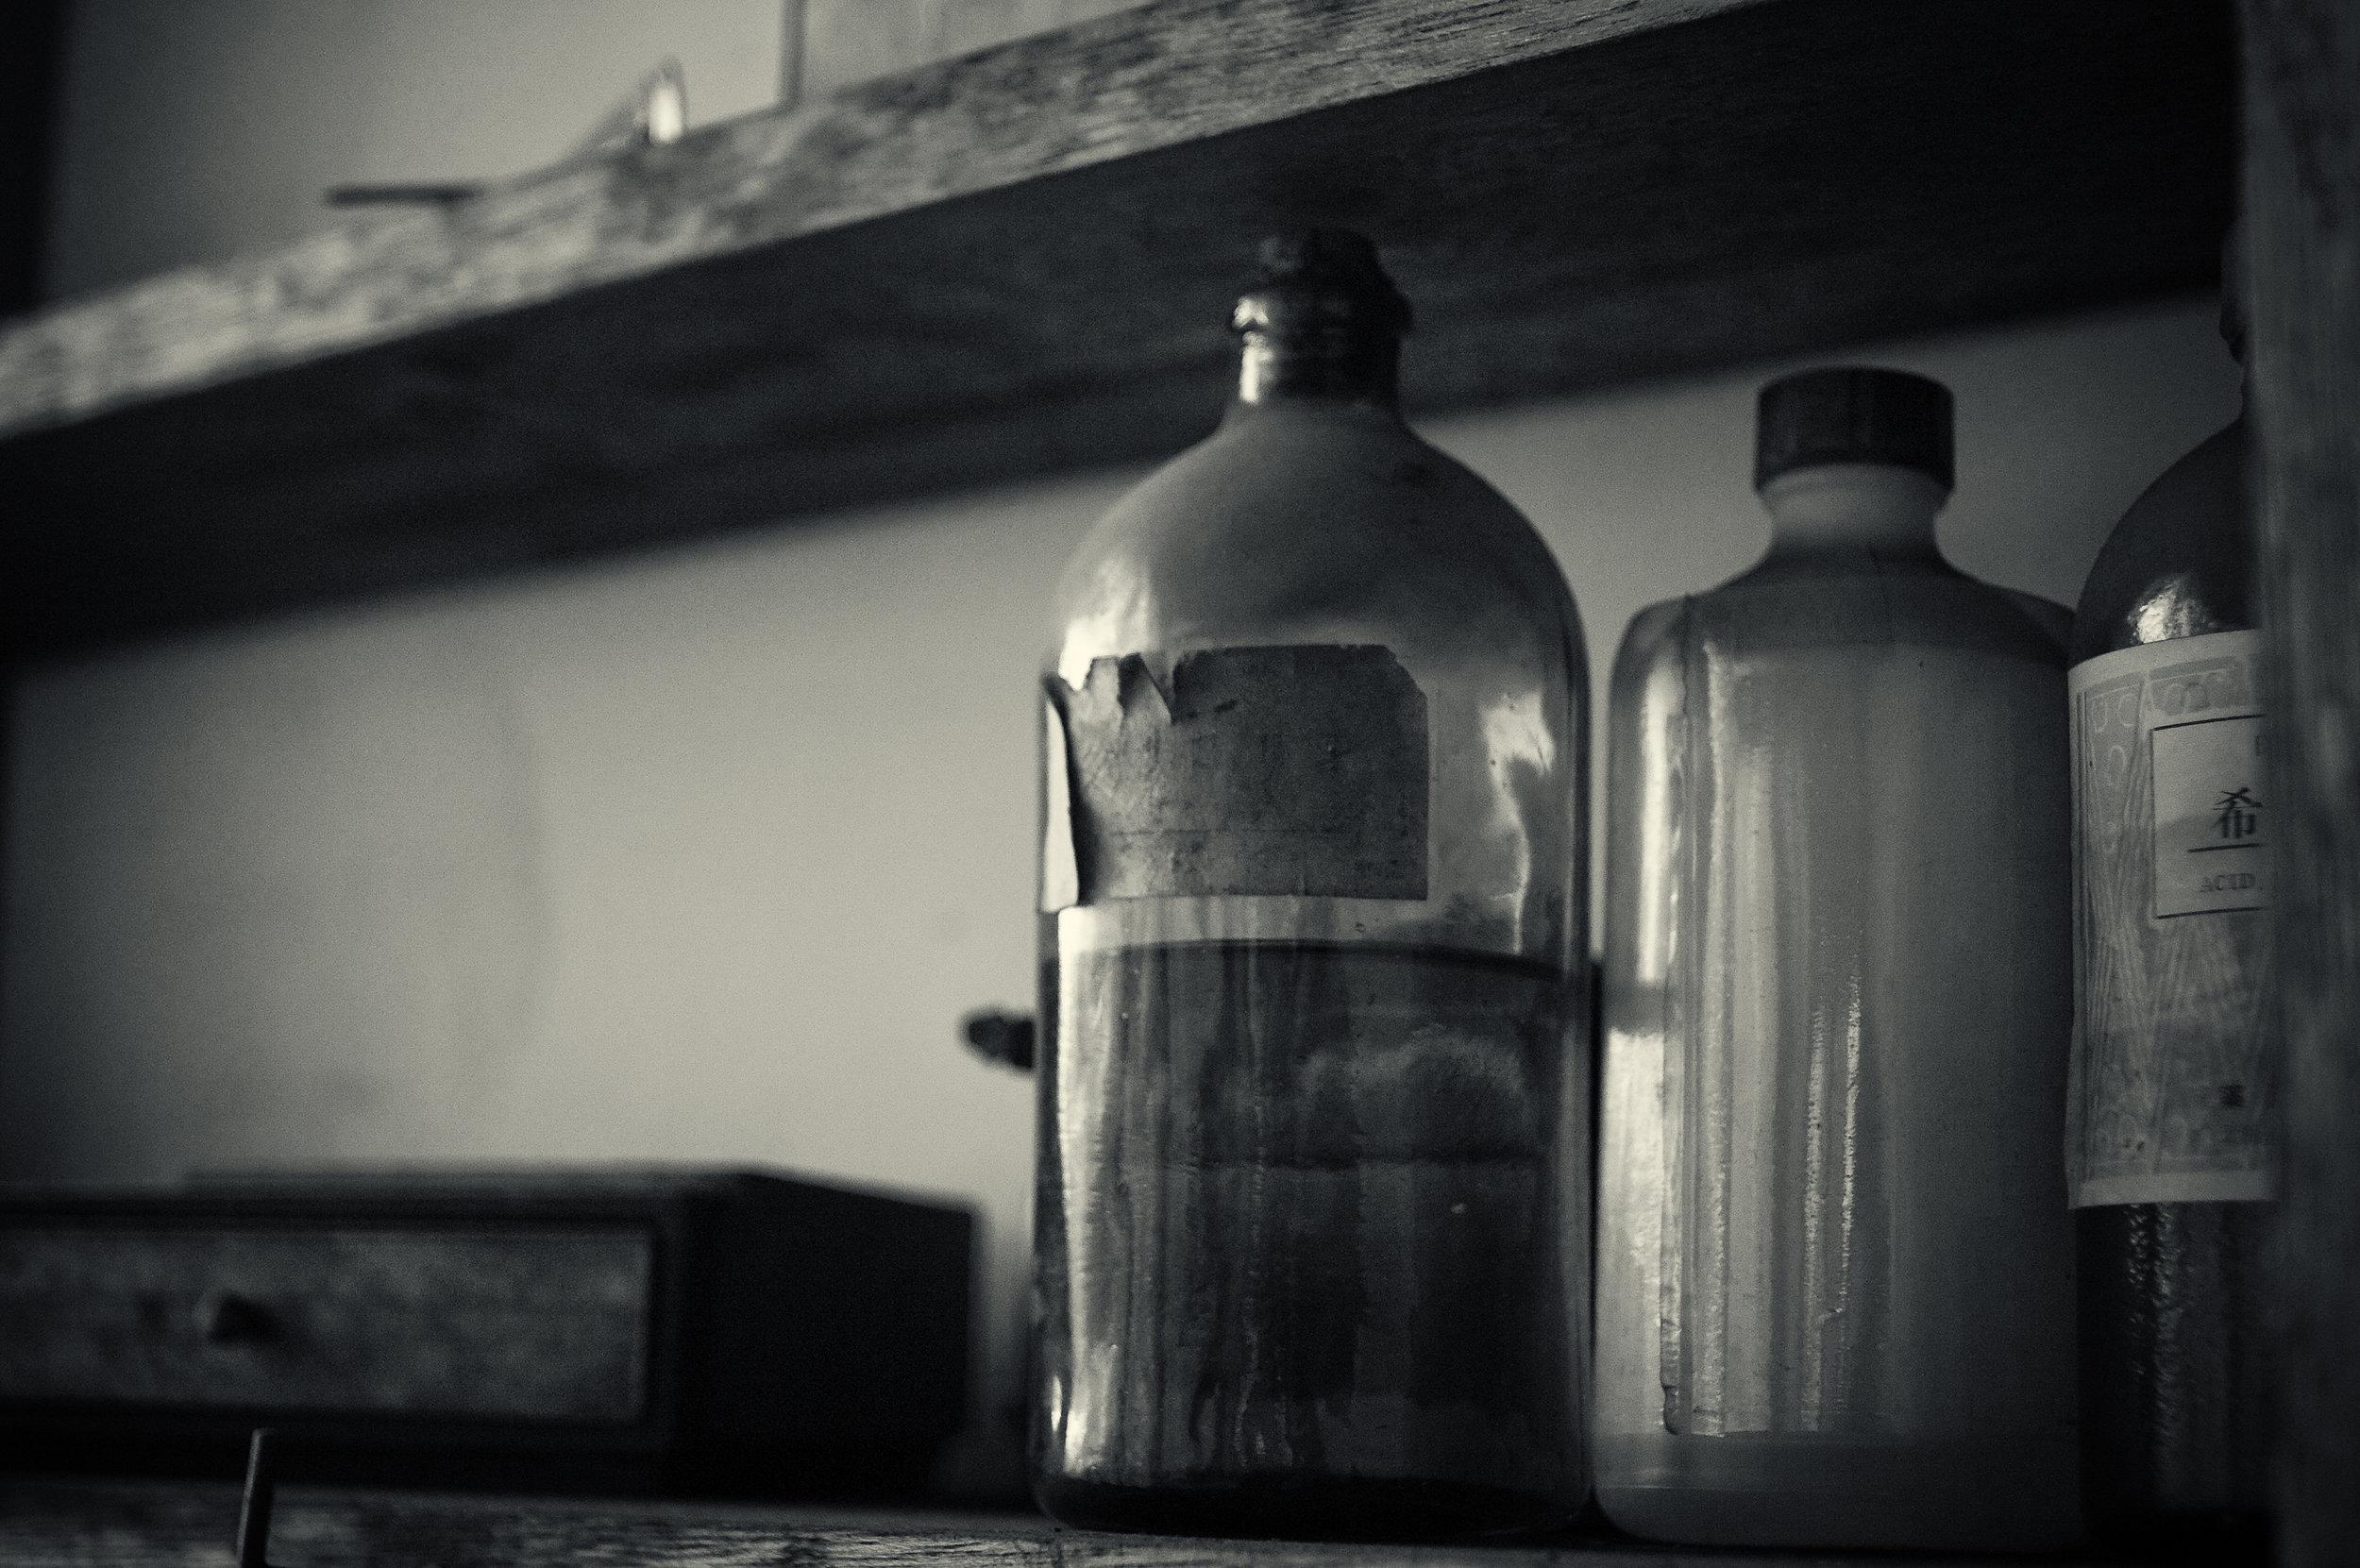 image credit: Hiroyuki Takeda flickr